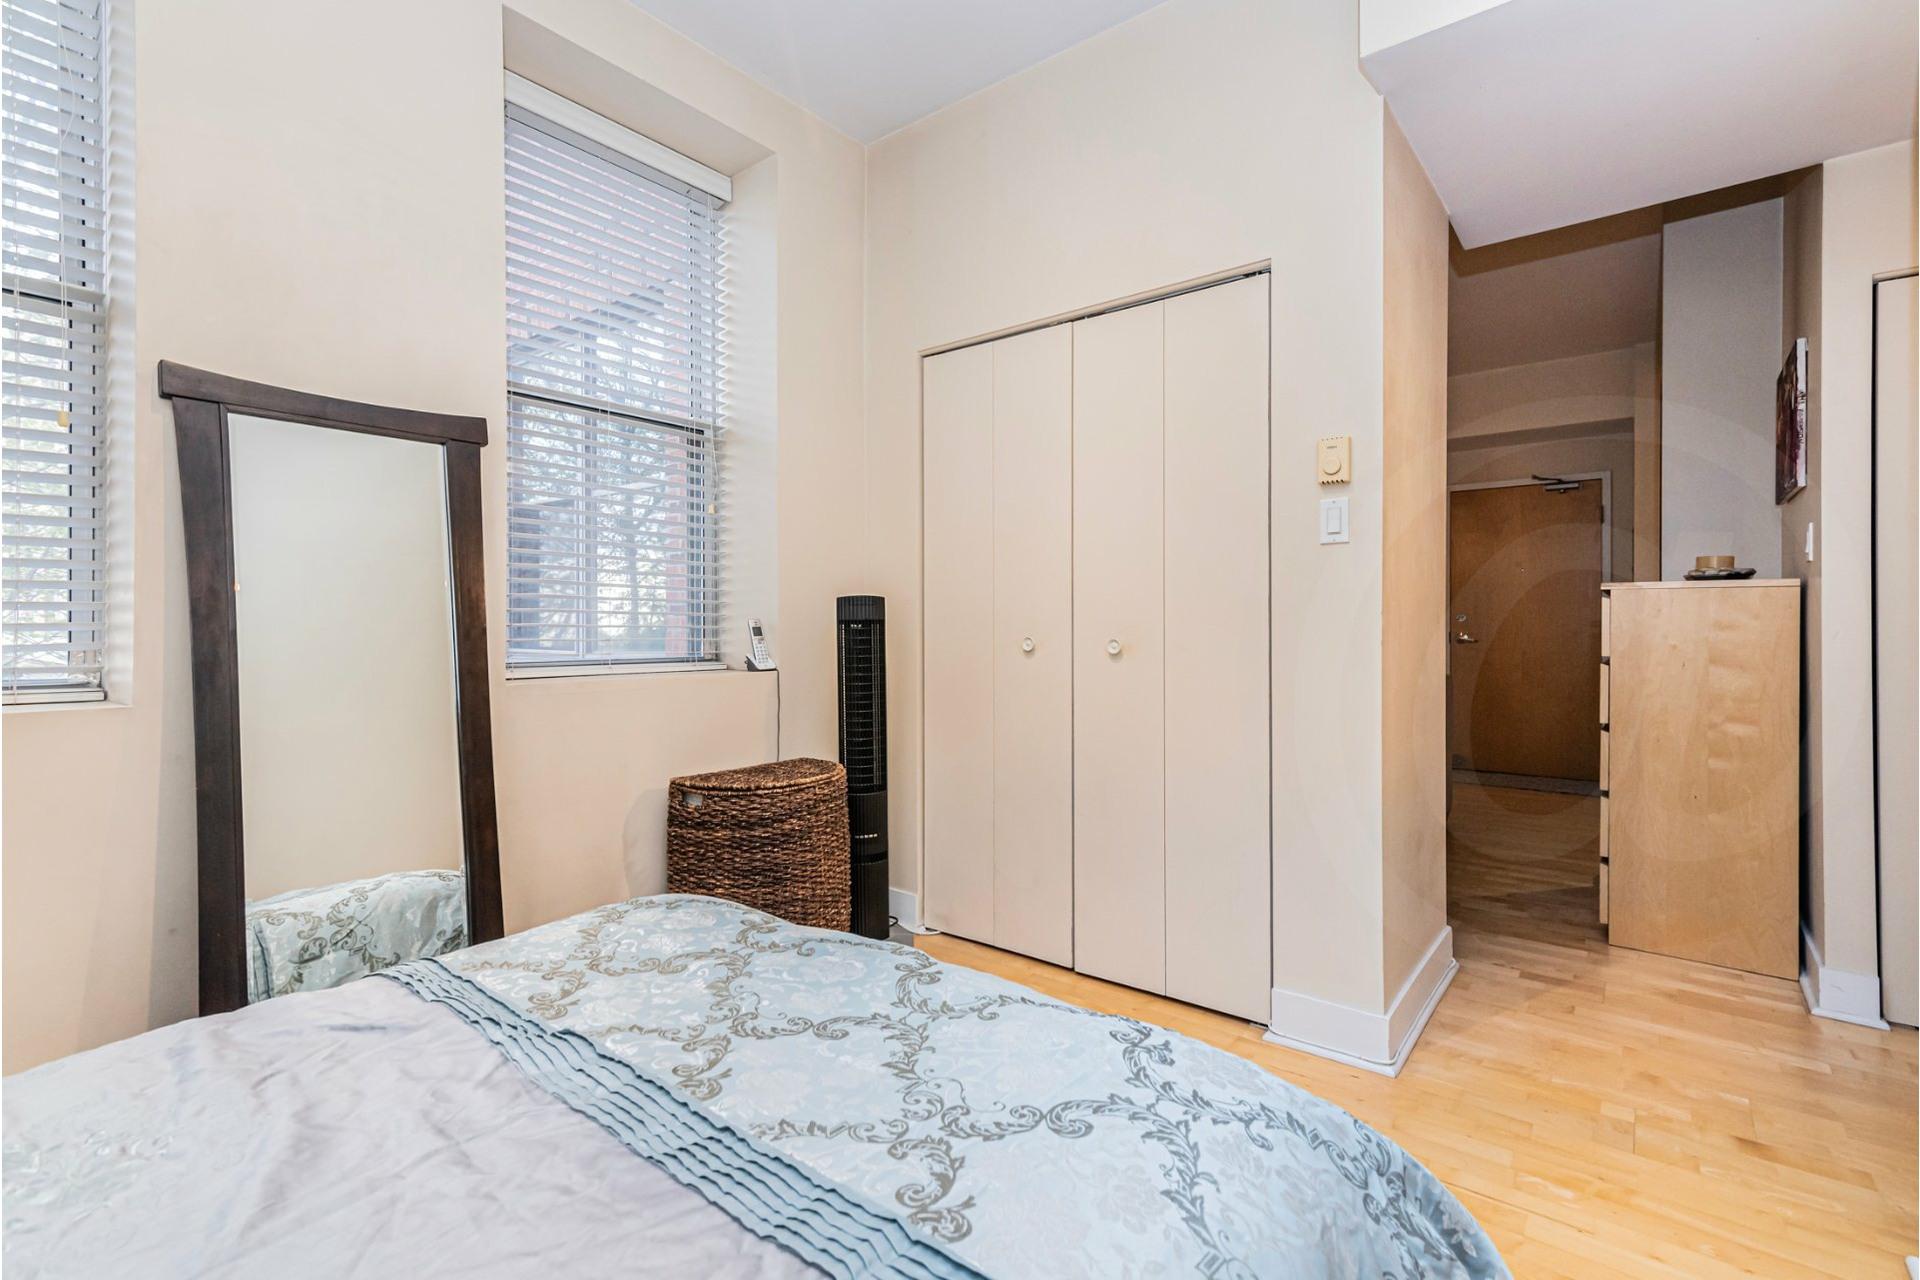 image 2 - Appartement À vendre Lachine Montréal  - 4 pièces